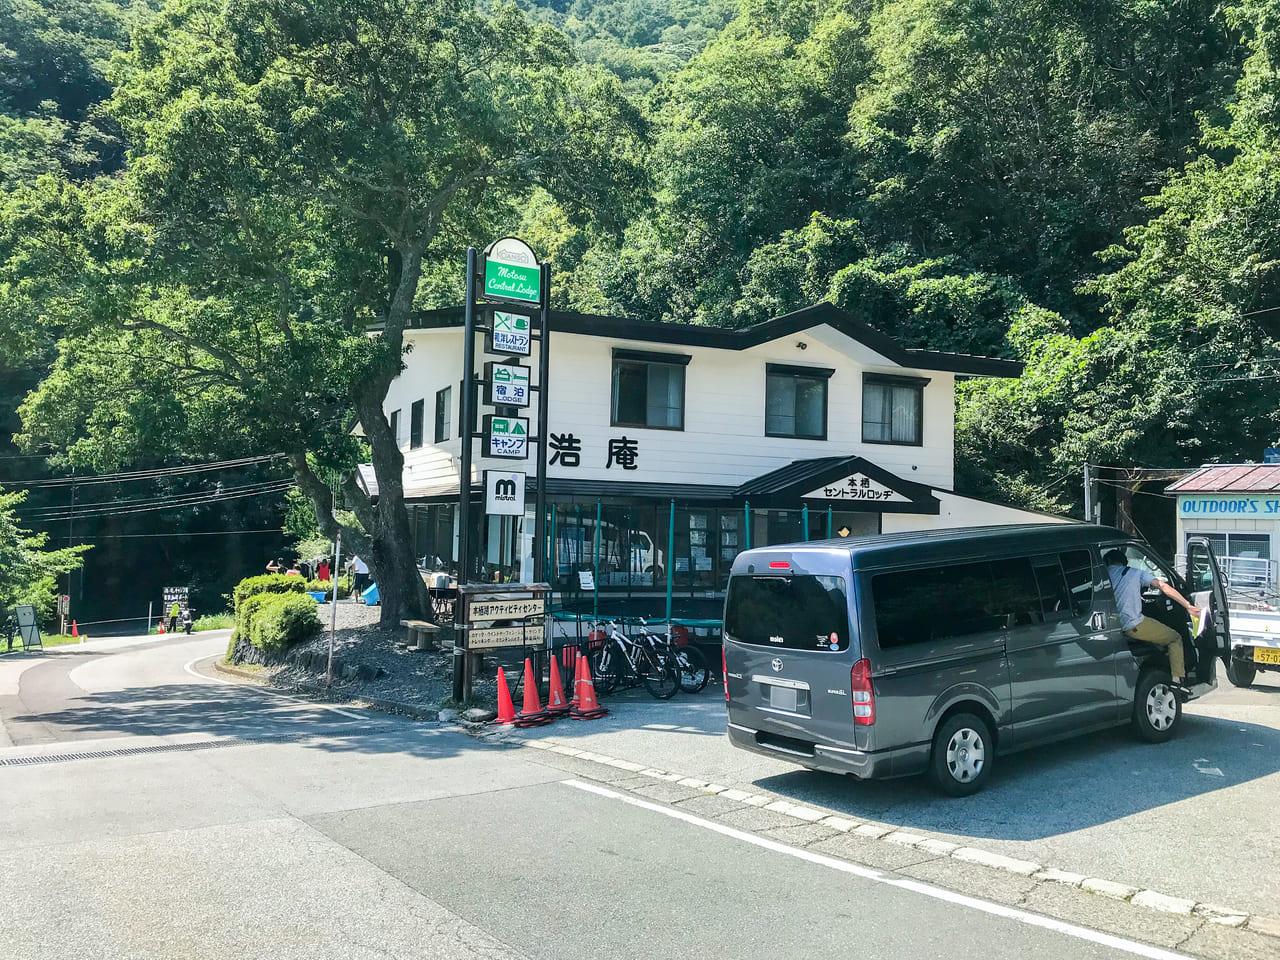 /浩庵キャンプ場セントラルロッヂの外観